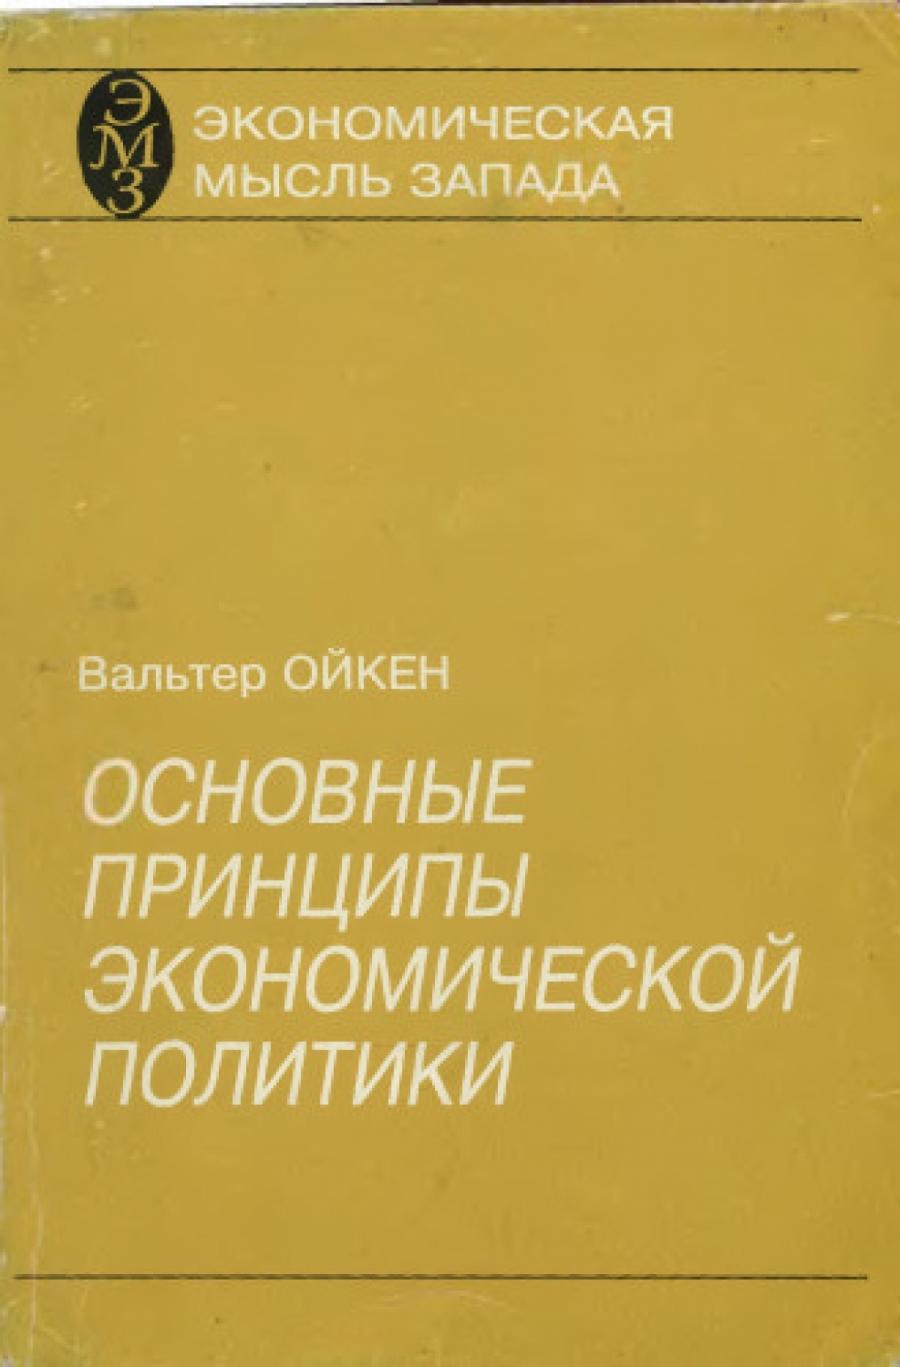 Обложка книги:  ойкен в. - основные принципы экономической политики